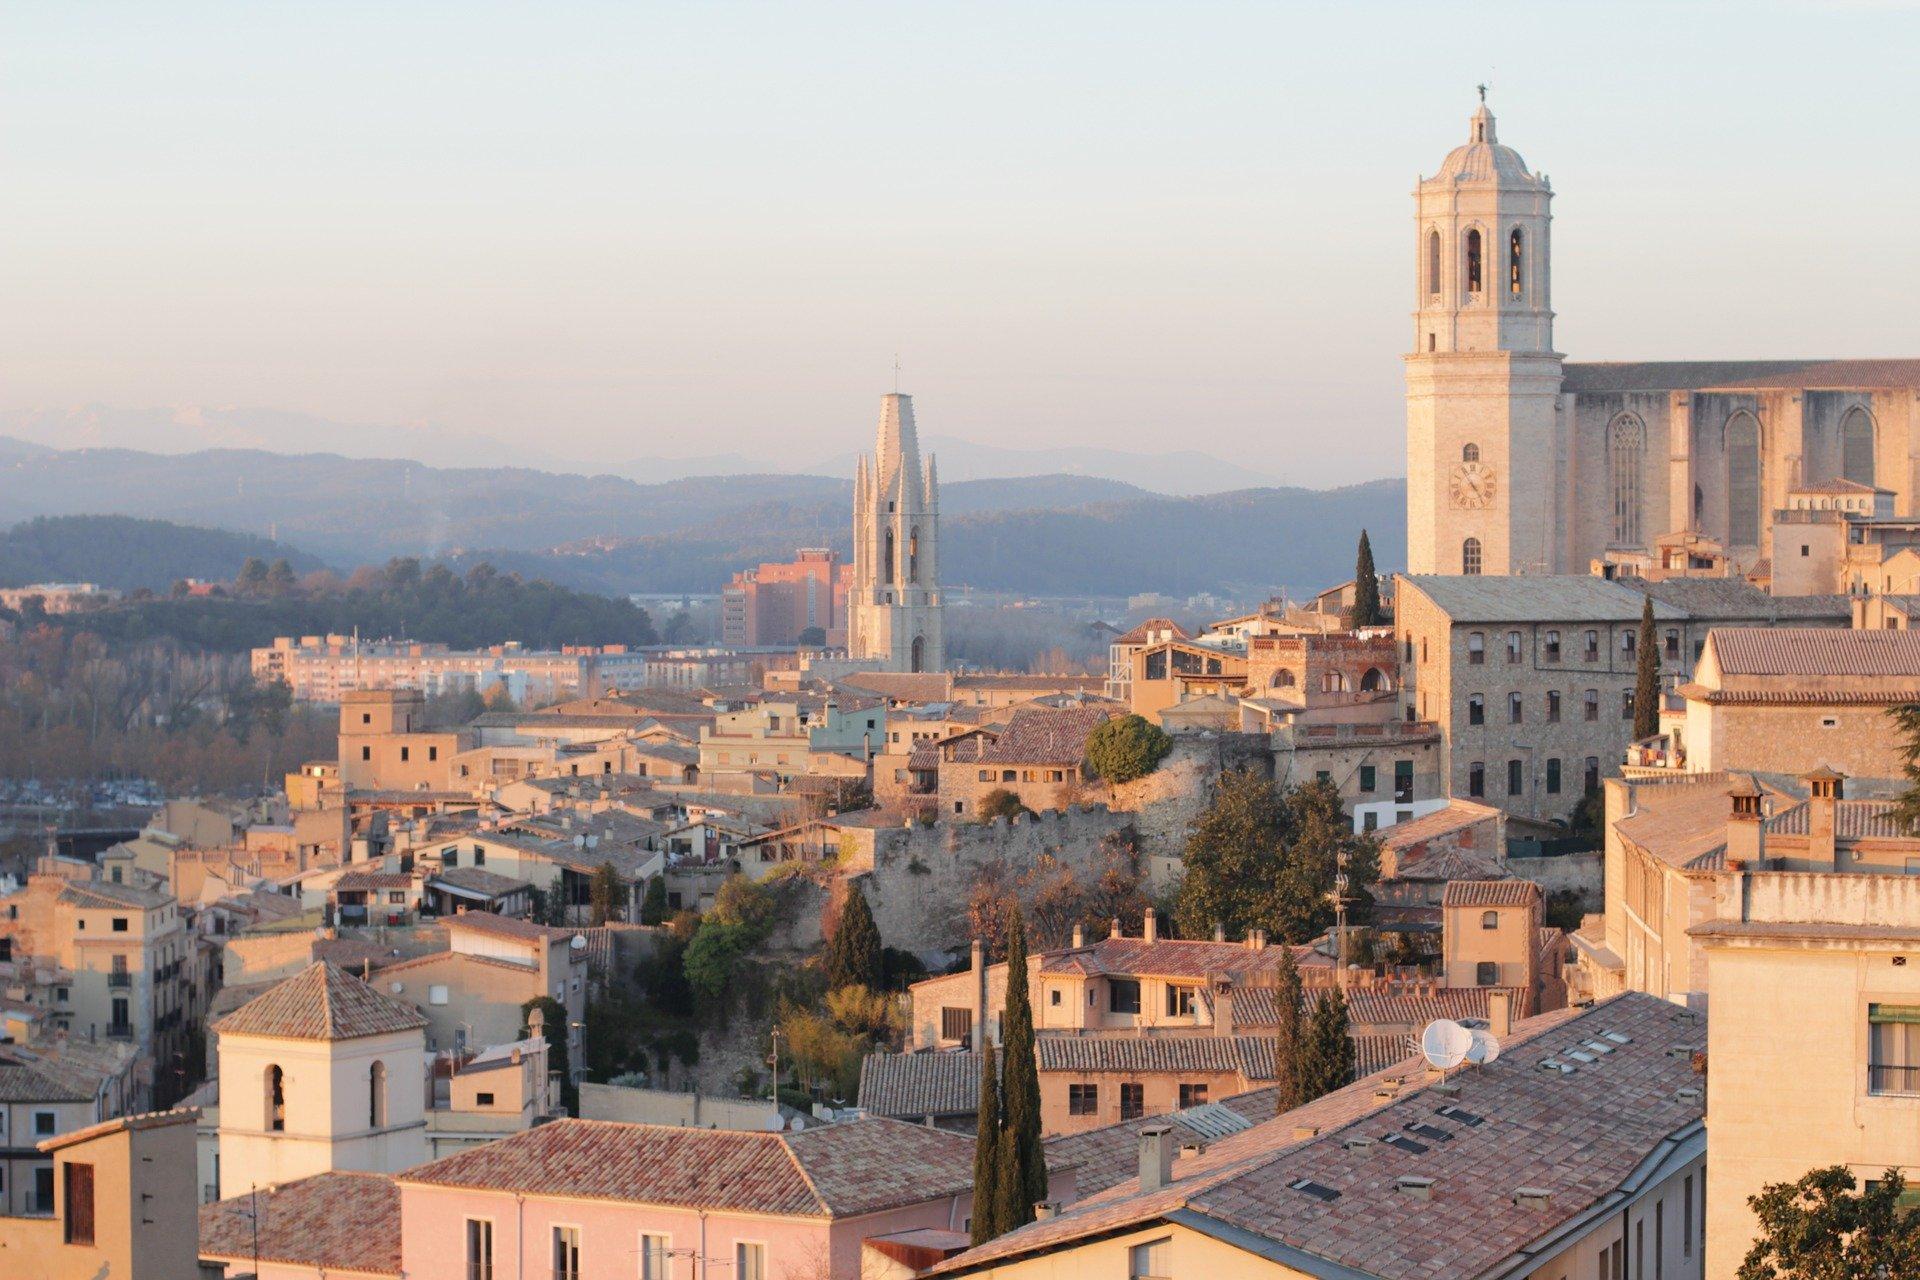 Panorama sur l'ancienne ville de Gérone et sa cathédrale.